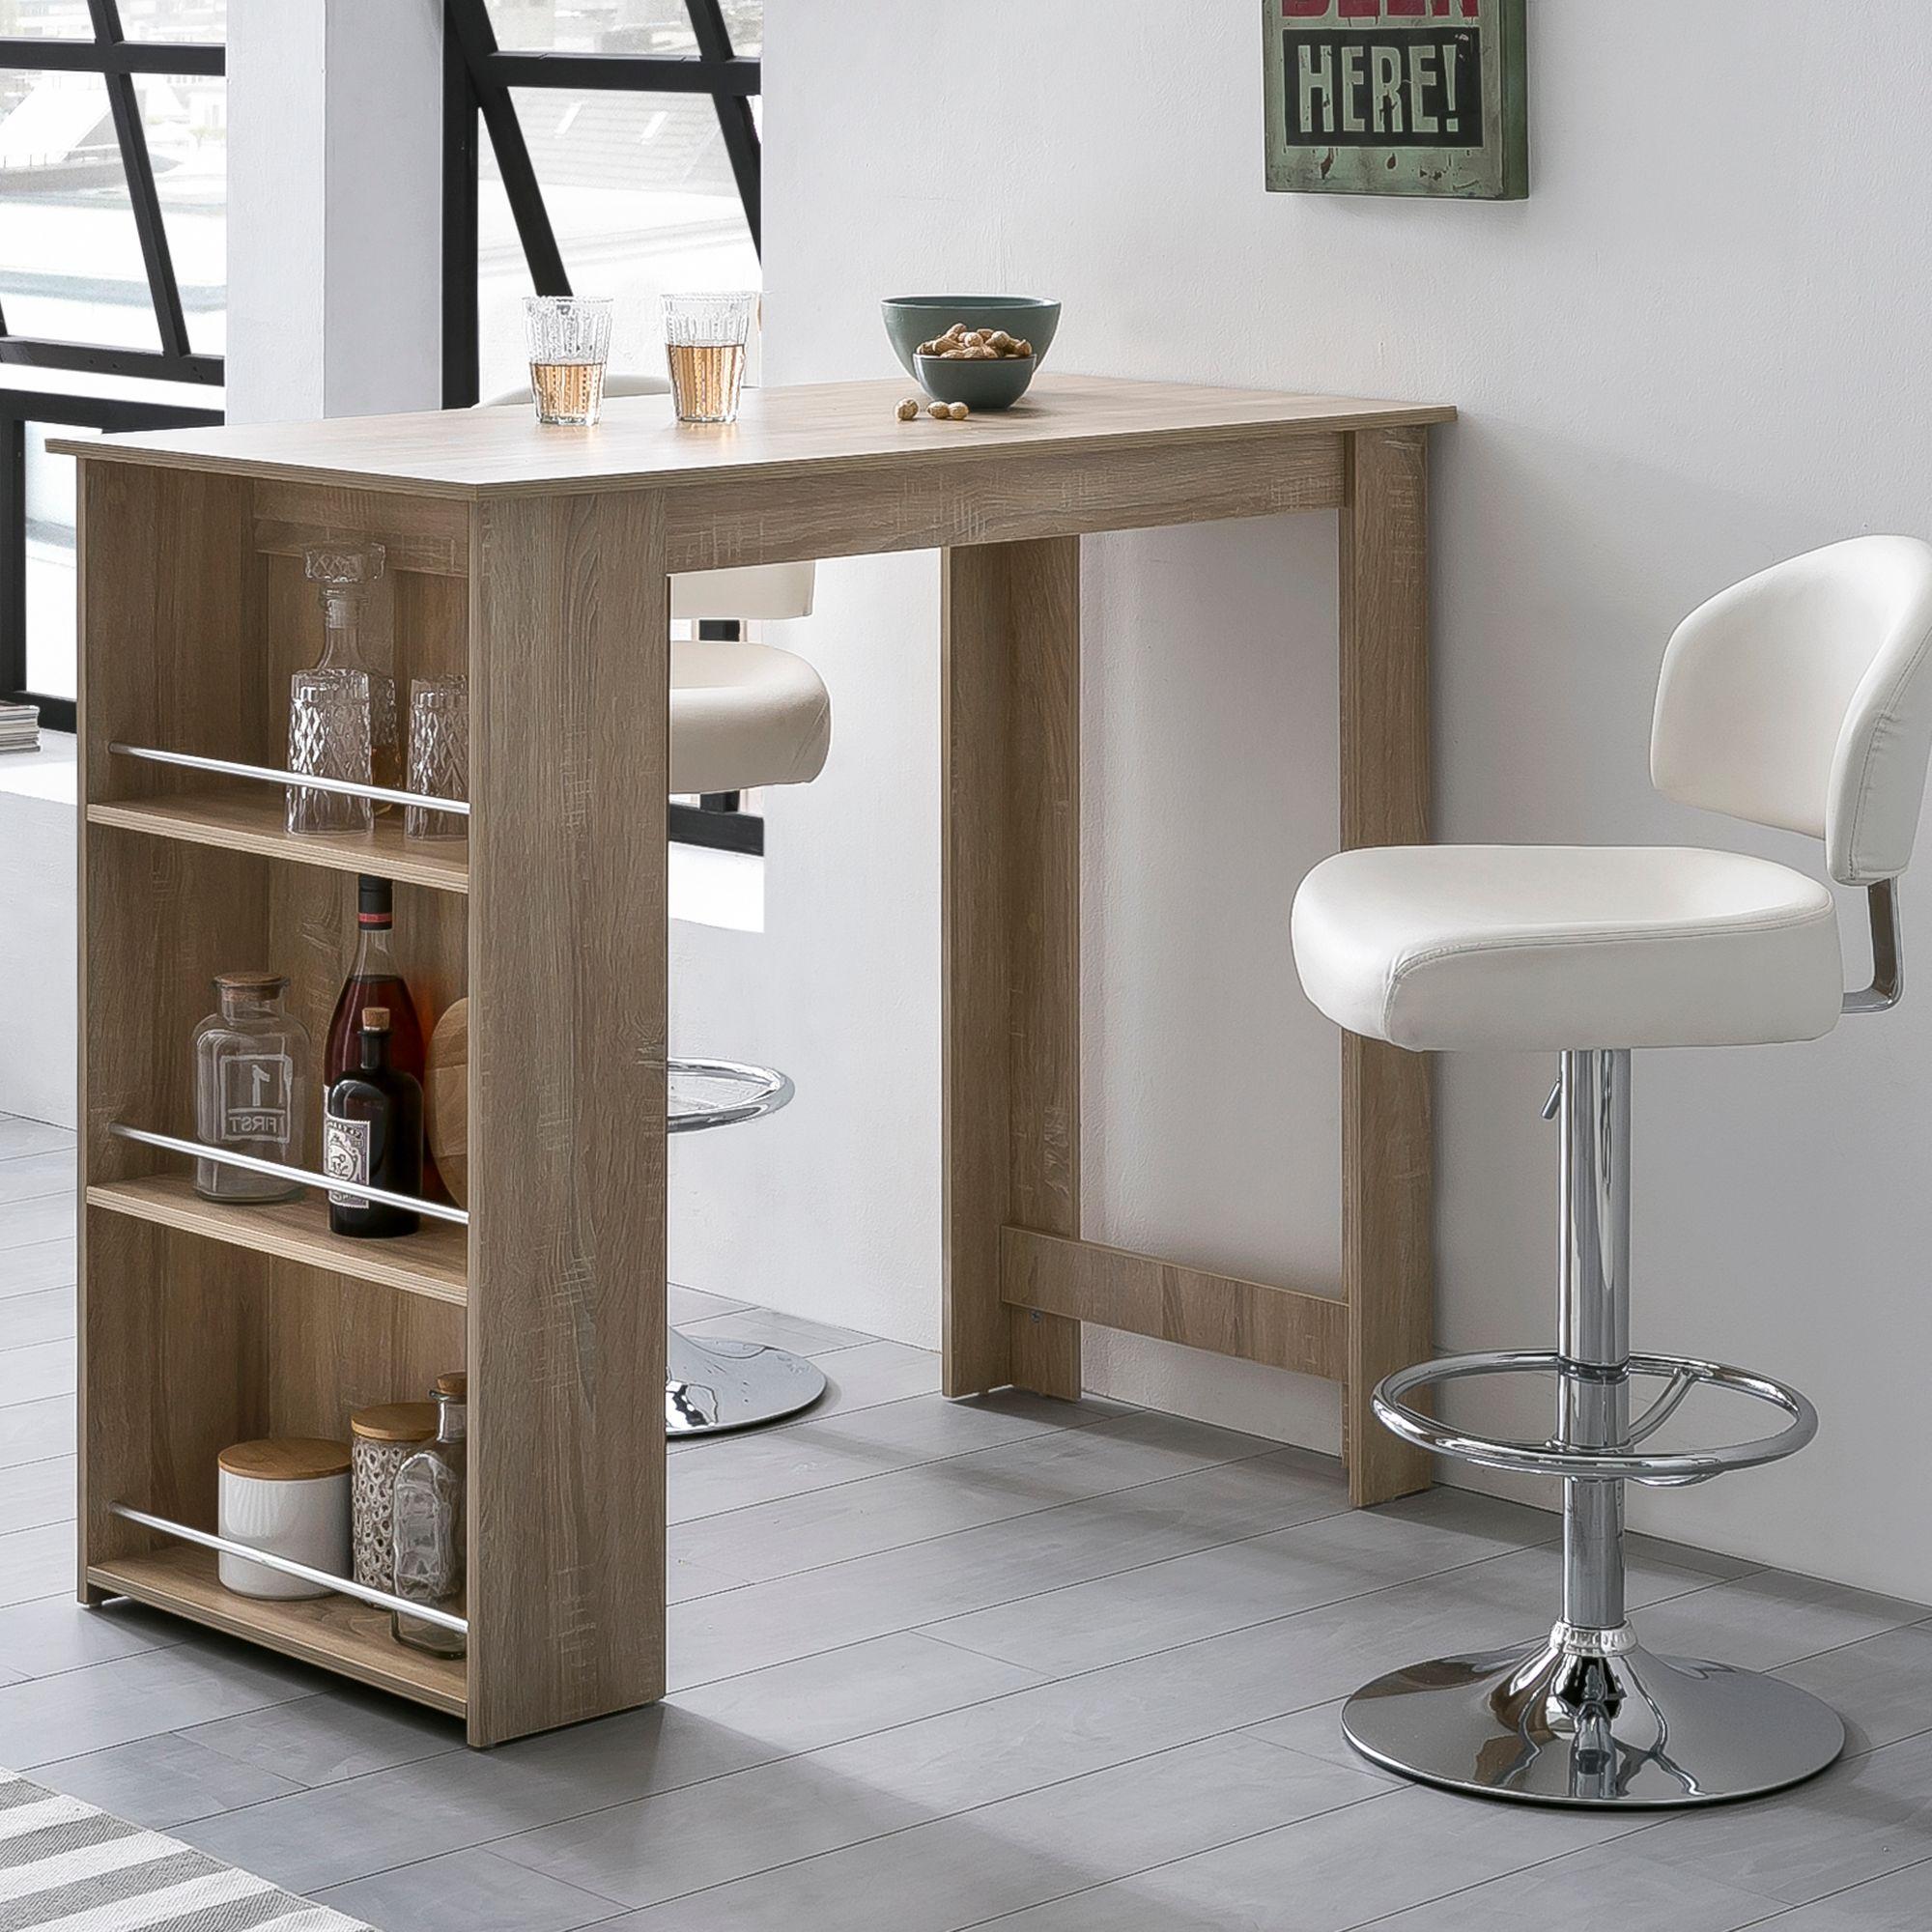 FineBuy Bartisch 20 x 20 cm Stehtisch Holz Küchenbartisch  Bartresen mit  integriertem Regal  Tresentisch mit Bar  Tresen Küchen Tisch